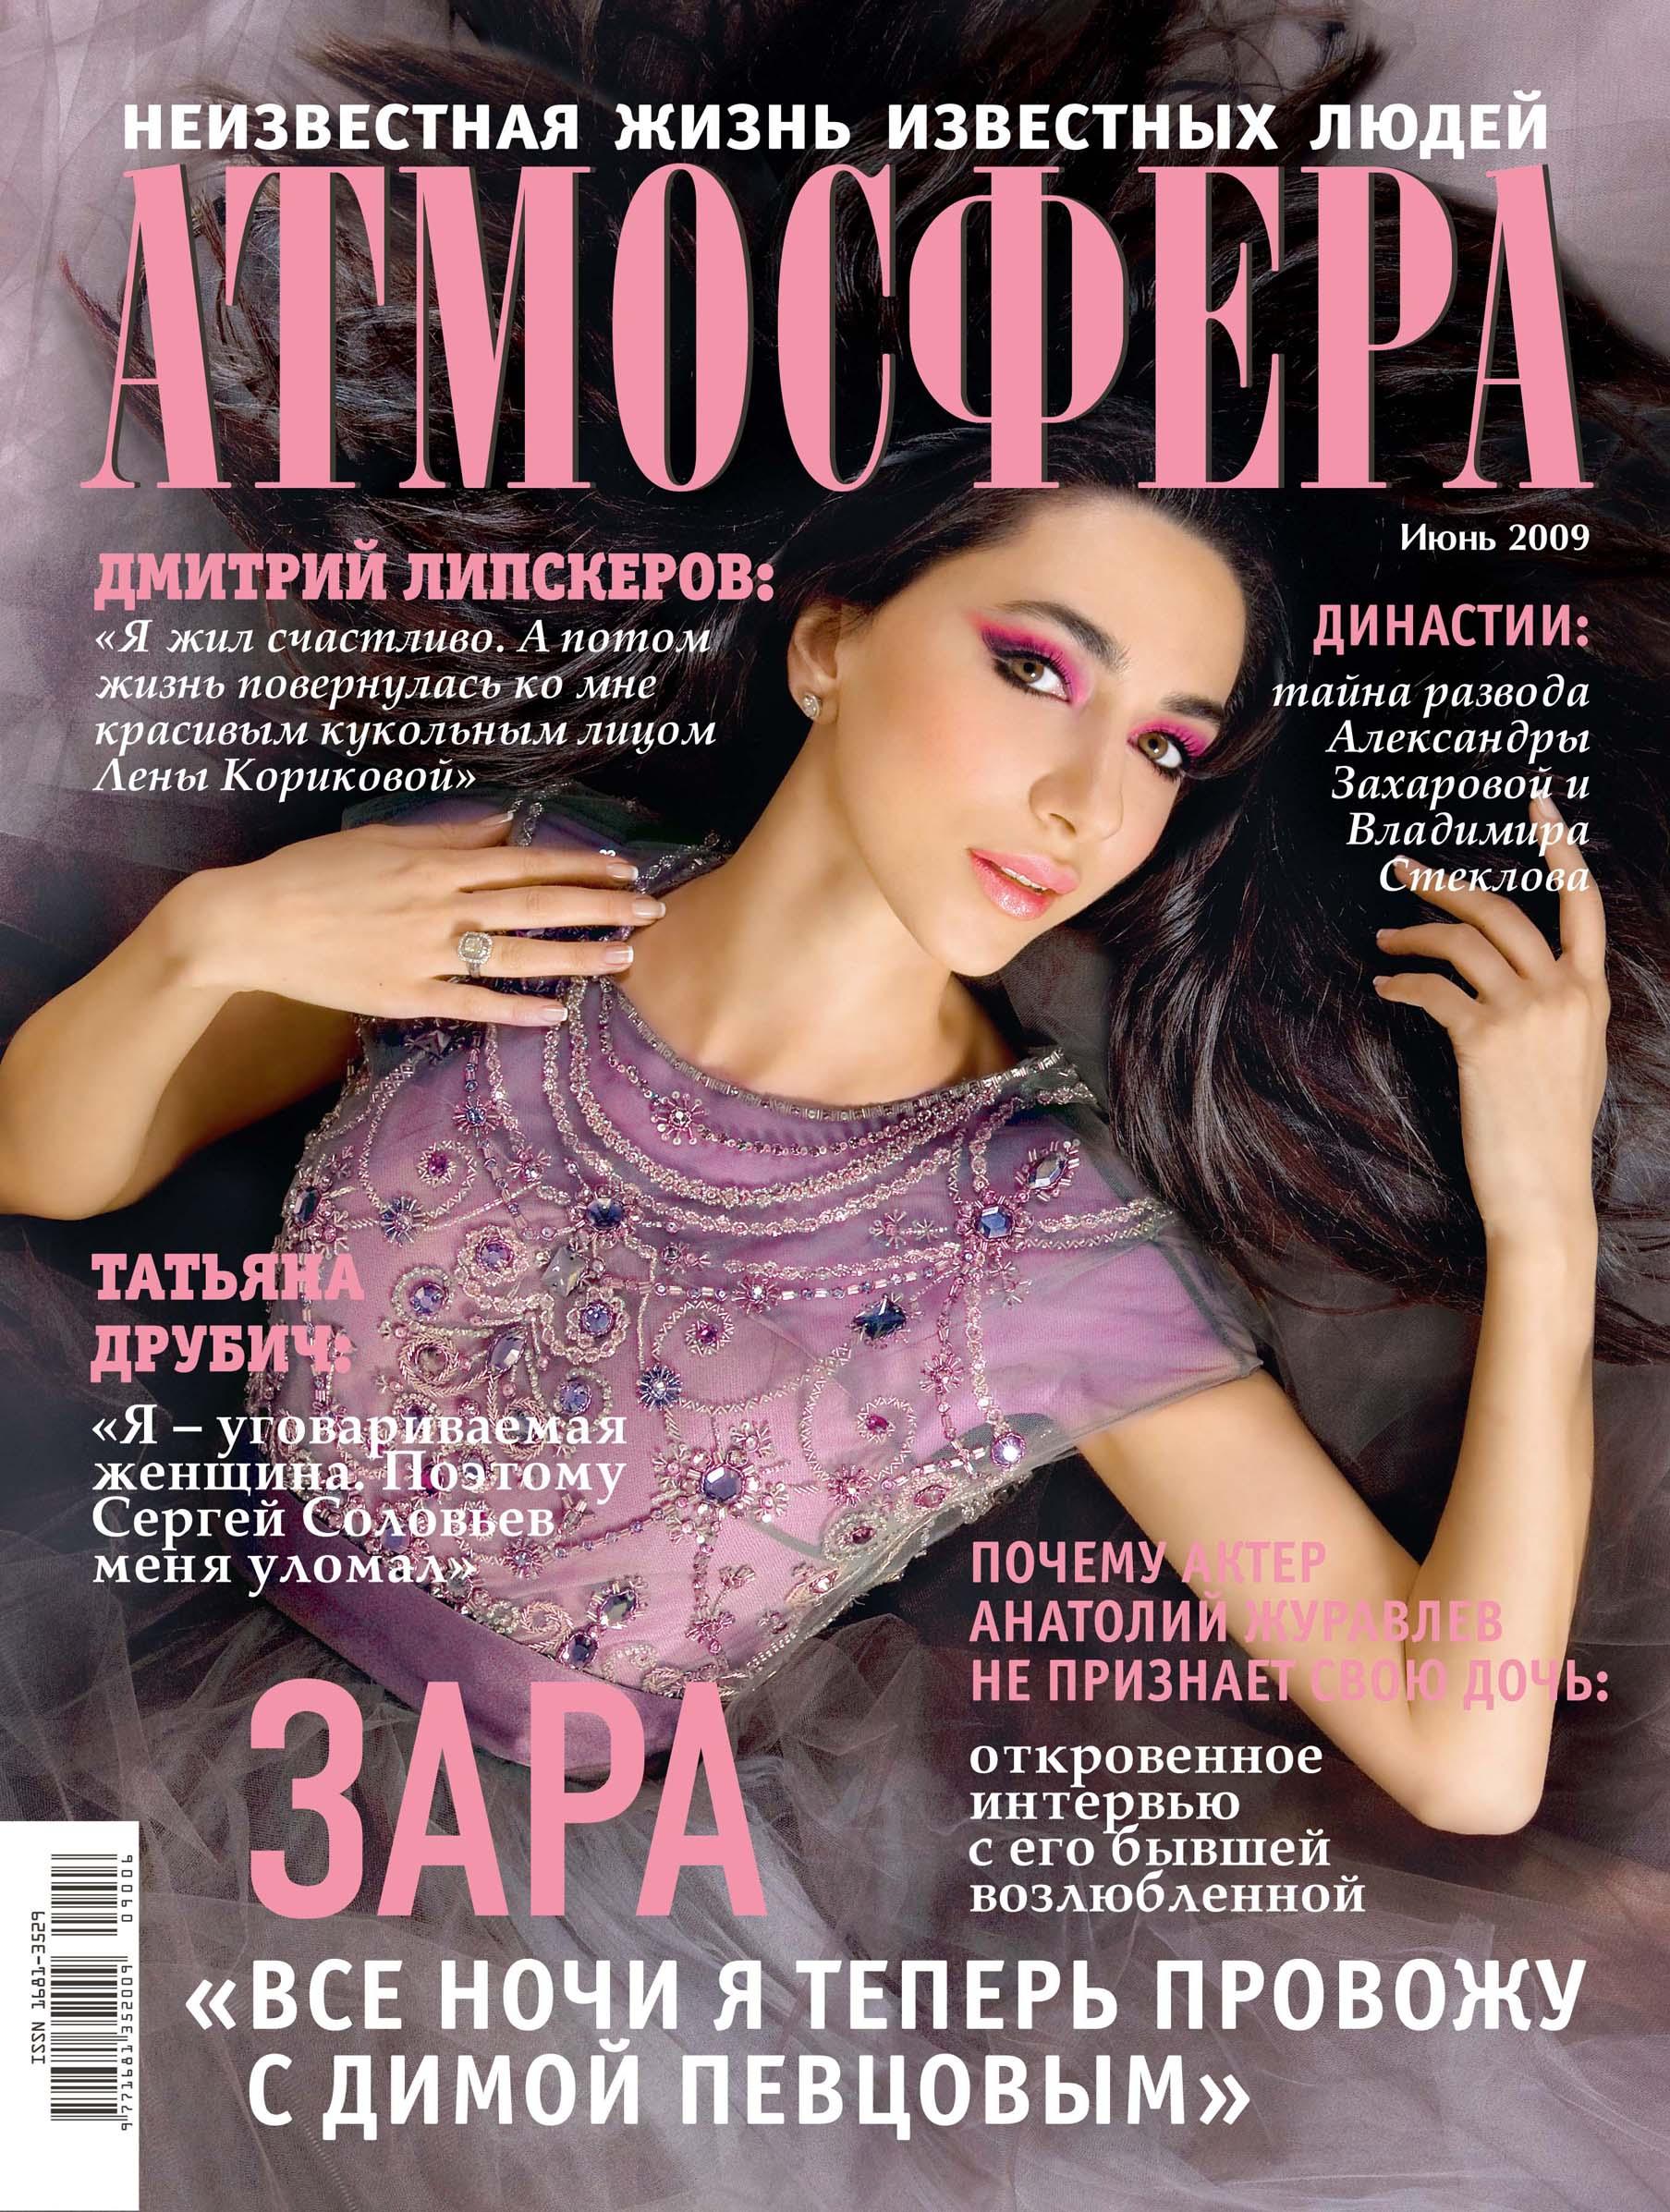 Фото Максим Земсков для журнала Атмосфера июнь 2009. Зара.